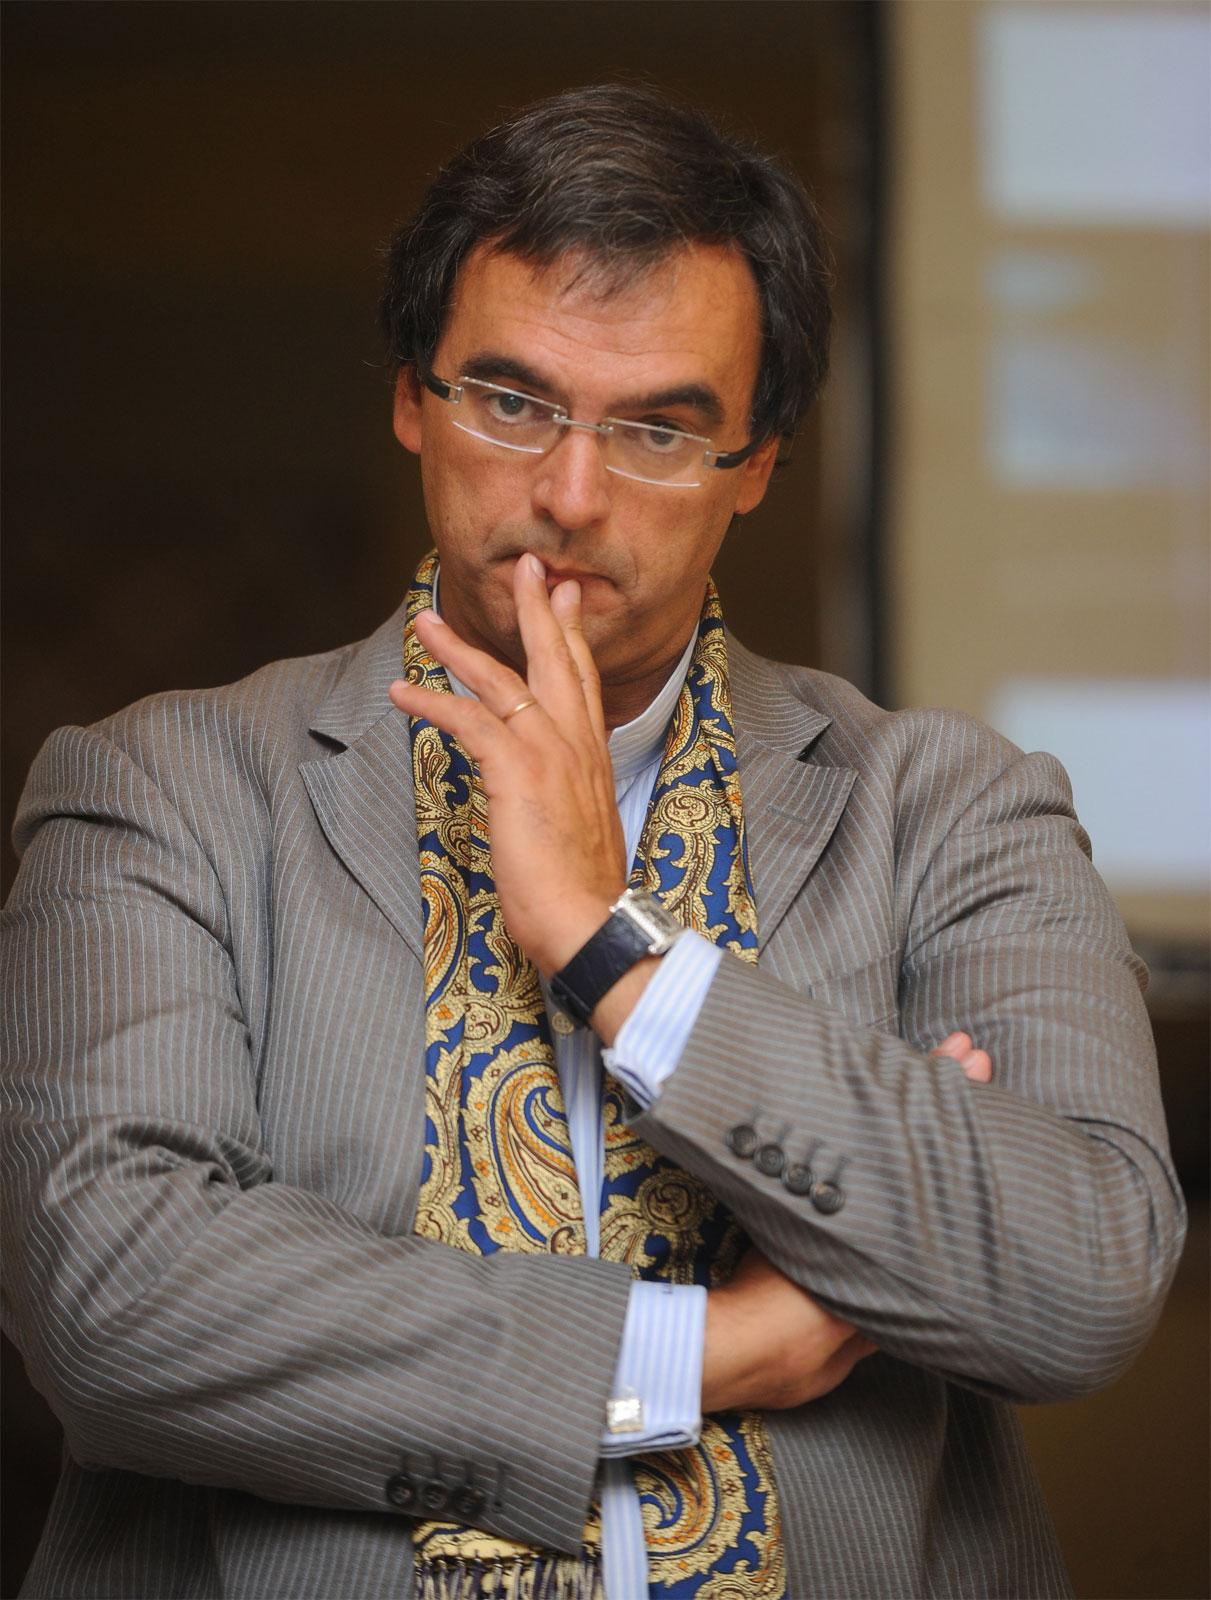 Luis Amaral: